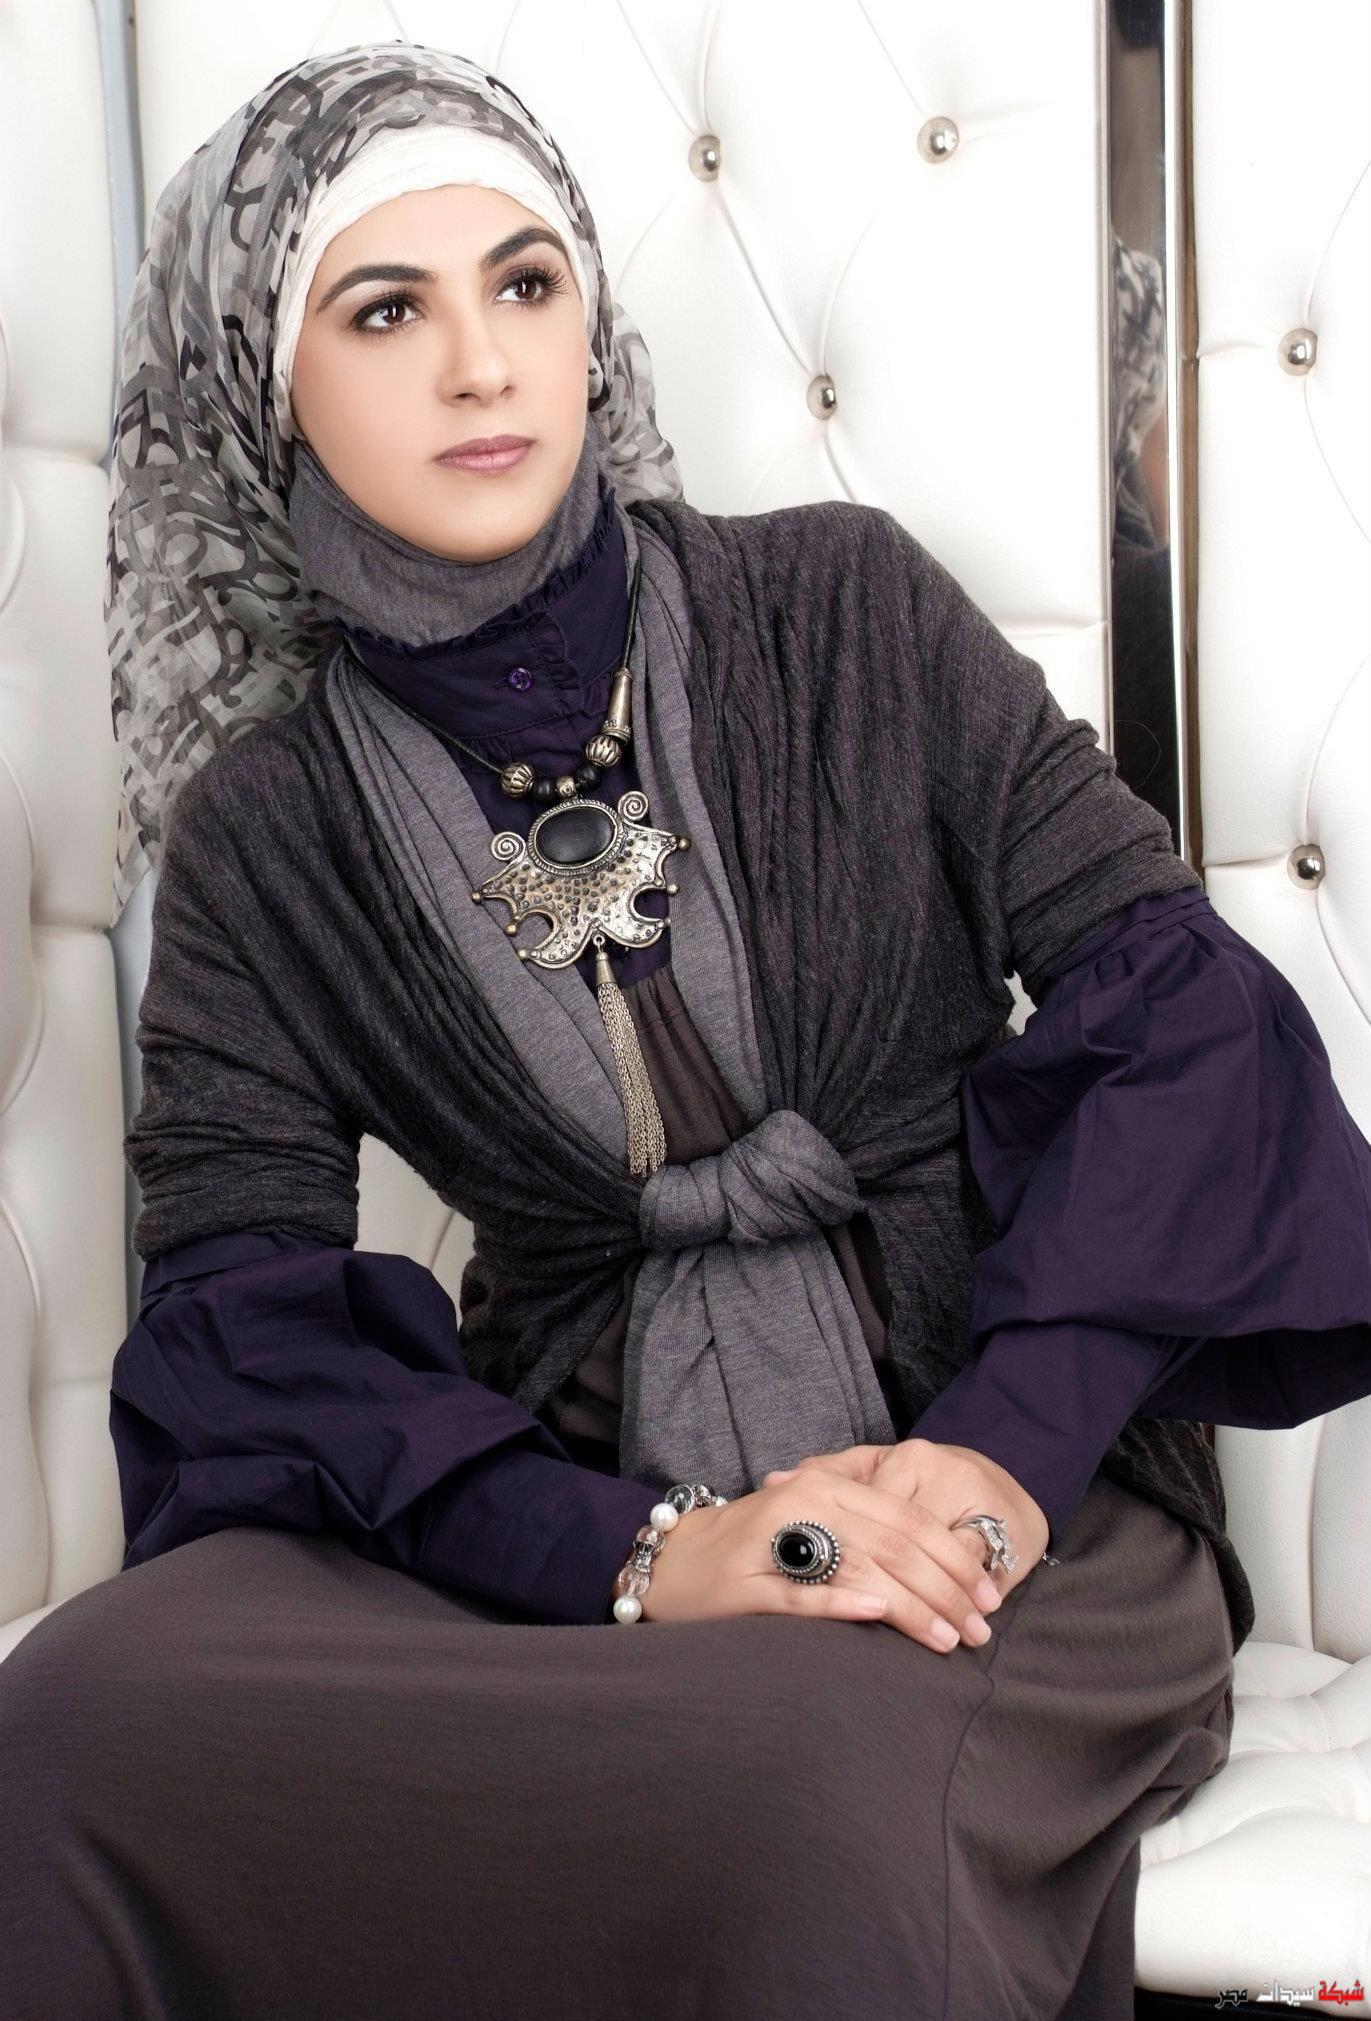 بالصور ملابس محجبات قمة الموضة , 2019 ملابس للمحجبات تجنن 107 2